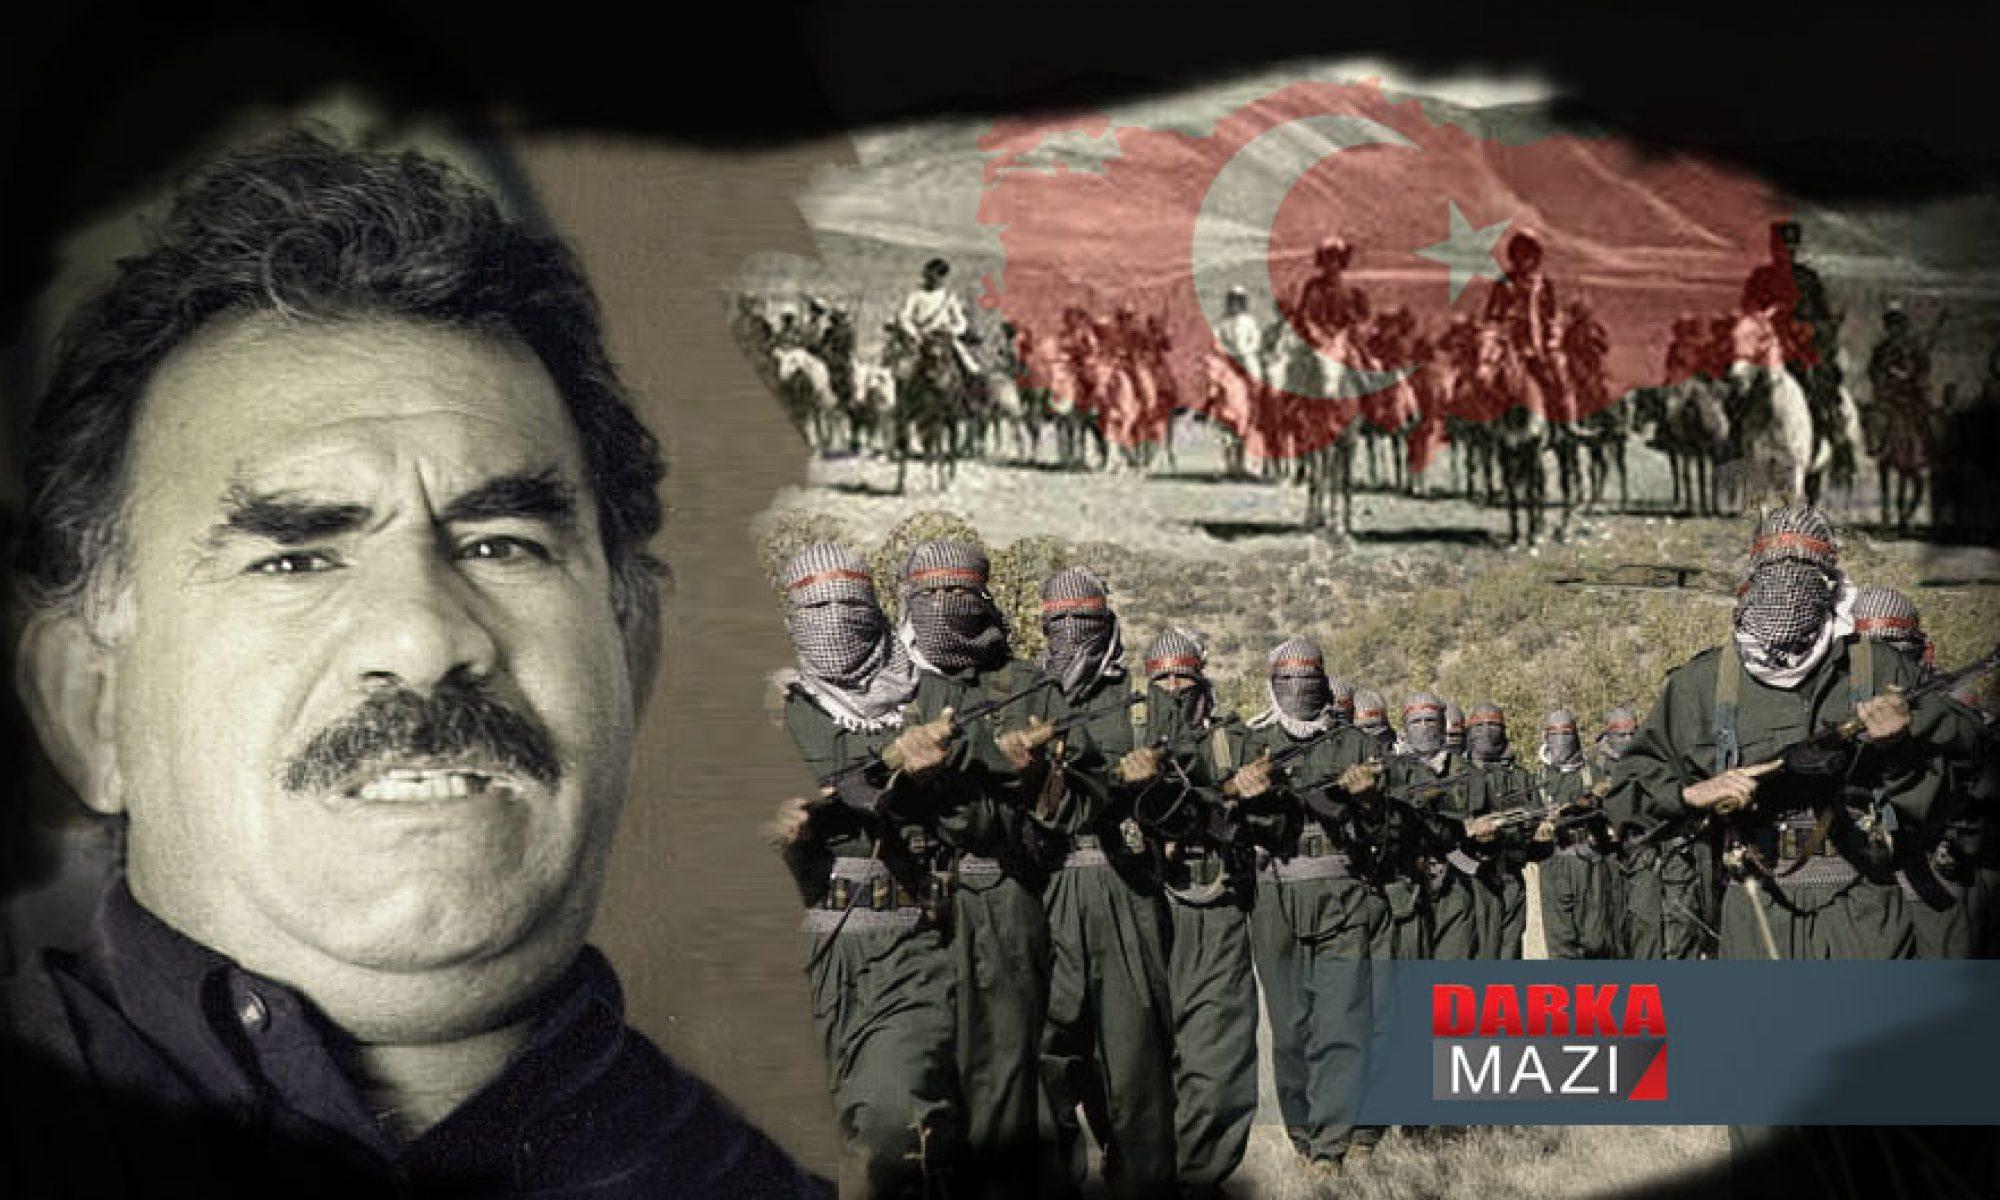 سیاسهتا PKK و توندرهویا ئۆجالان گهل نهچاری چاشاتیێ كر